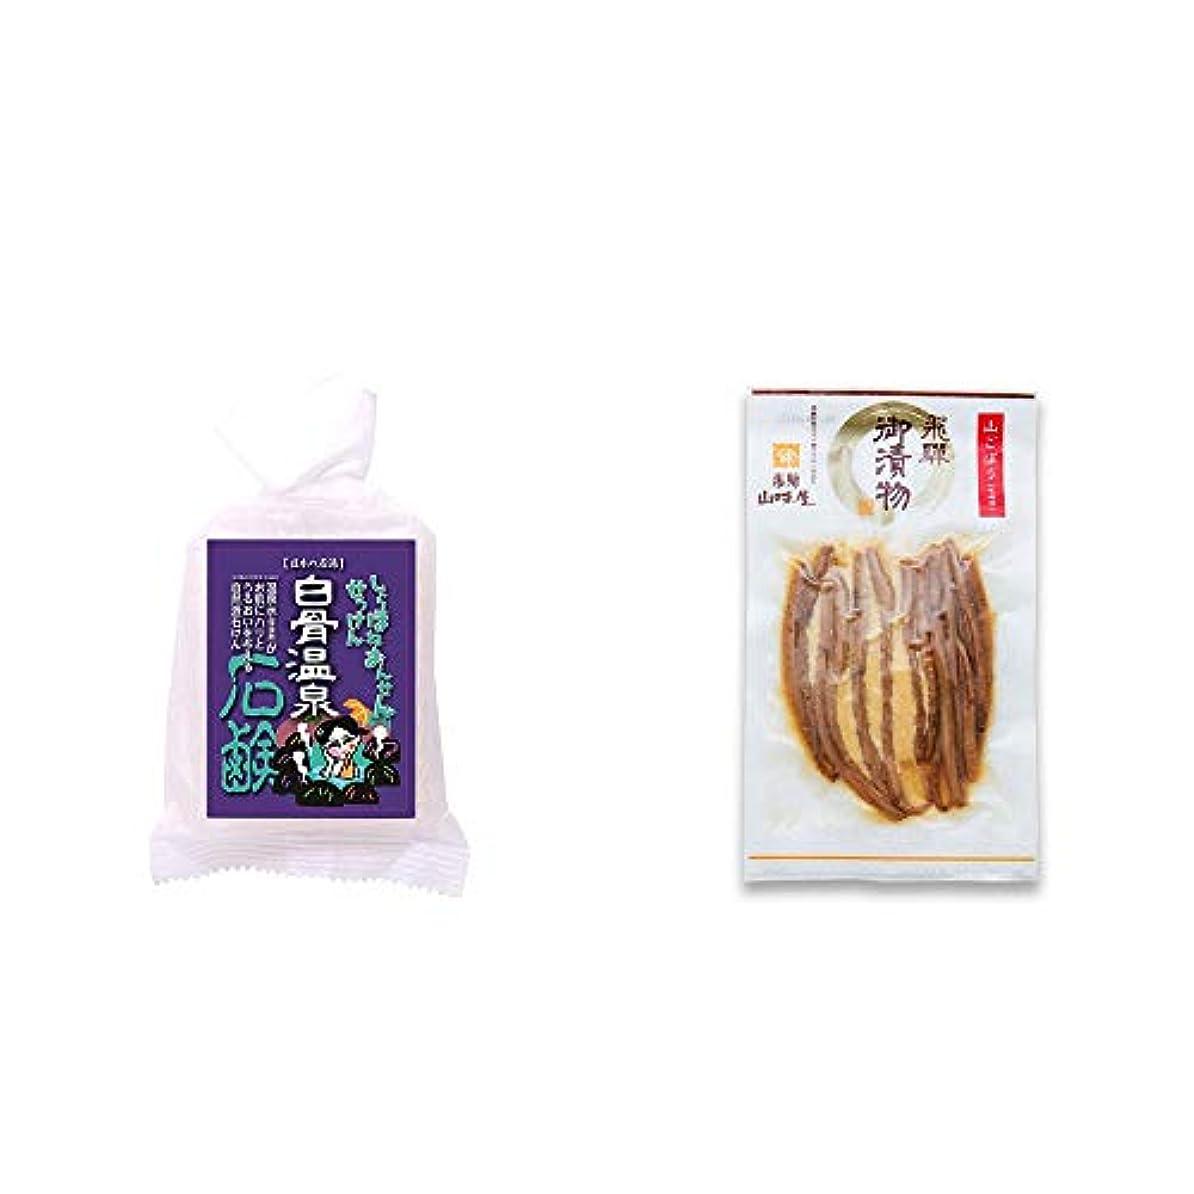 挑む比較床を掃除する[2点セット] 信州 白骨温泉石鹸(80g)?飛騨山味屋 山ごぼう味噌漬(80g)